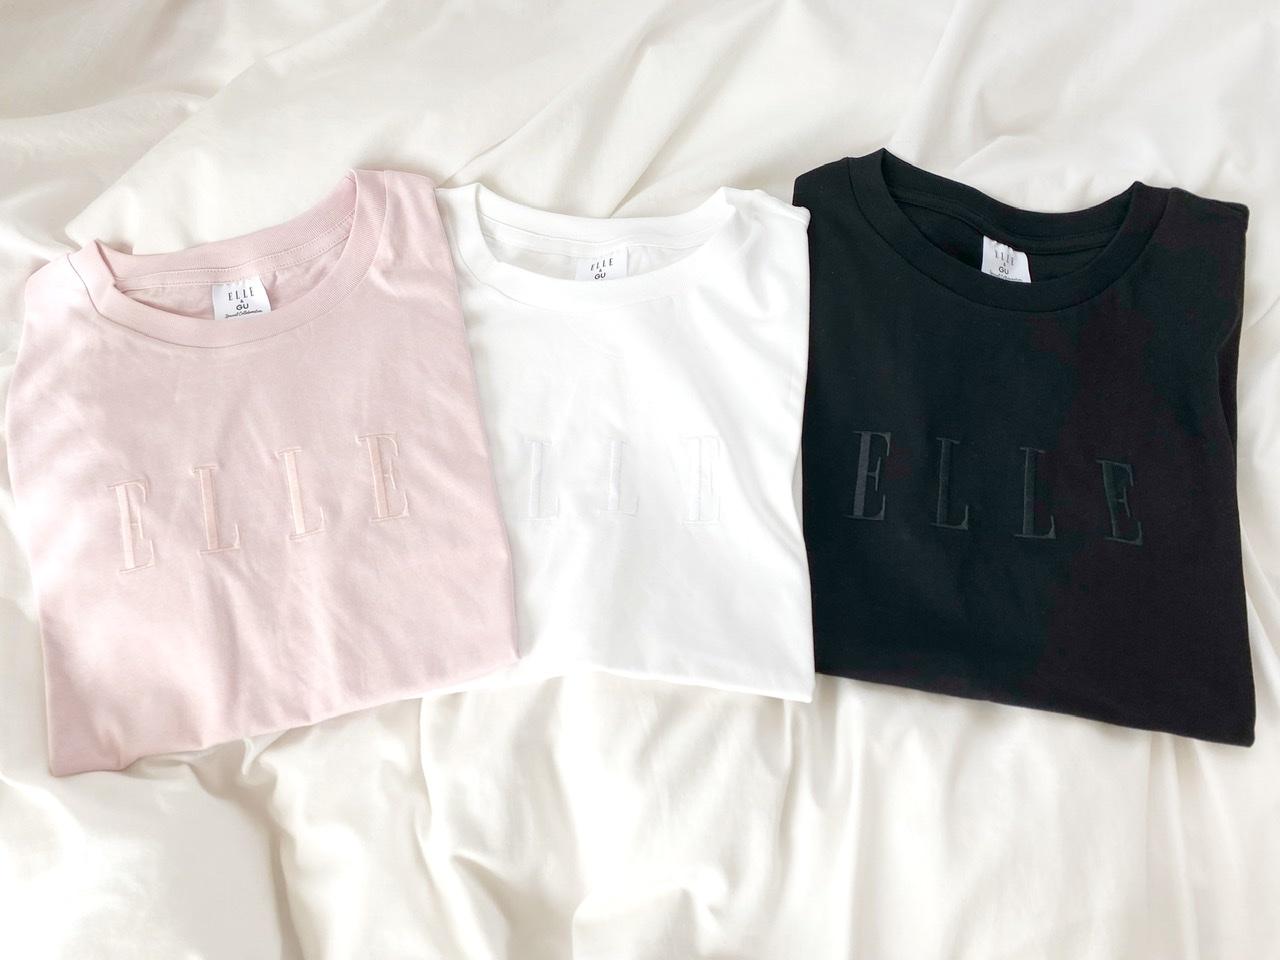 【GU×ELLEがコラボ!】思わず3色買い♡SNSでも話題のプチプラTシャツをGET!_2